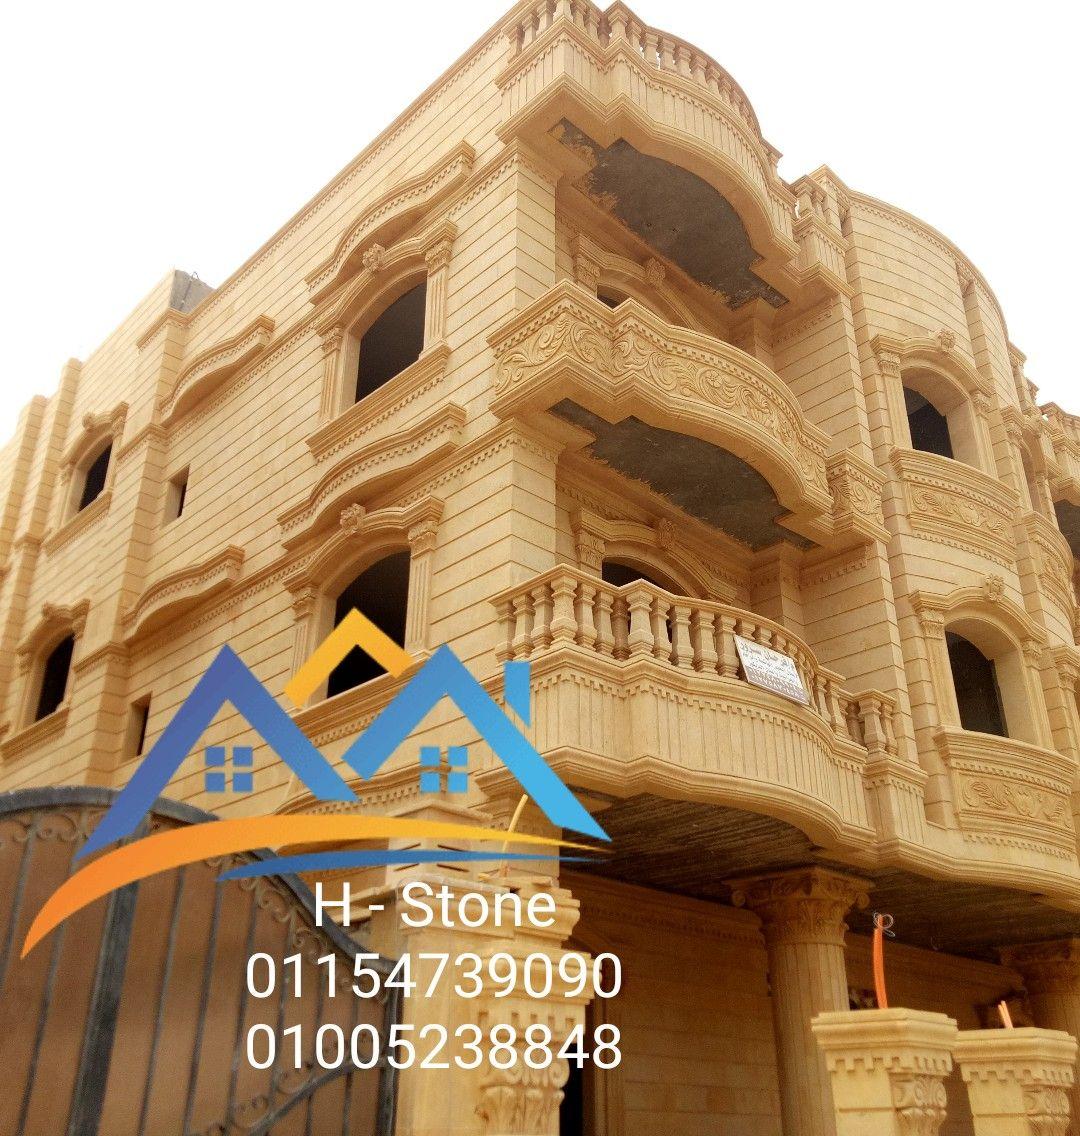 انواع حجر هاشمي House Styles Exterior Houses اسعار 01154739090 Stone House Stone